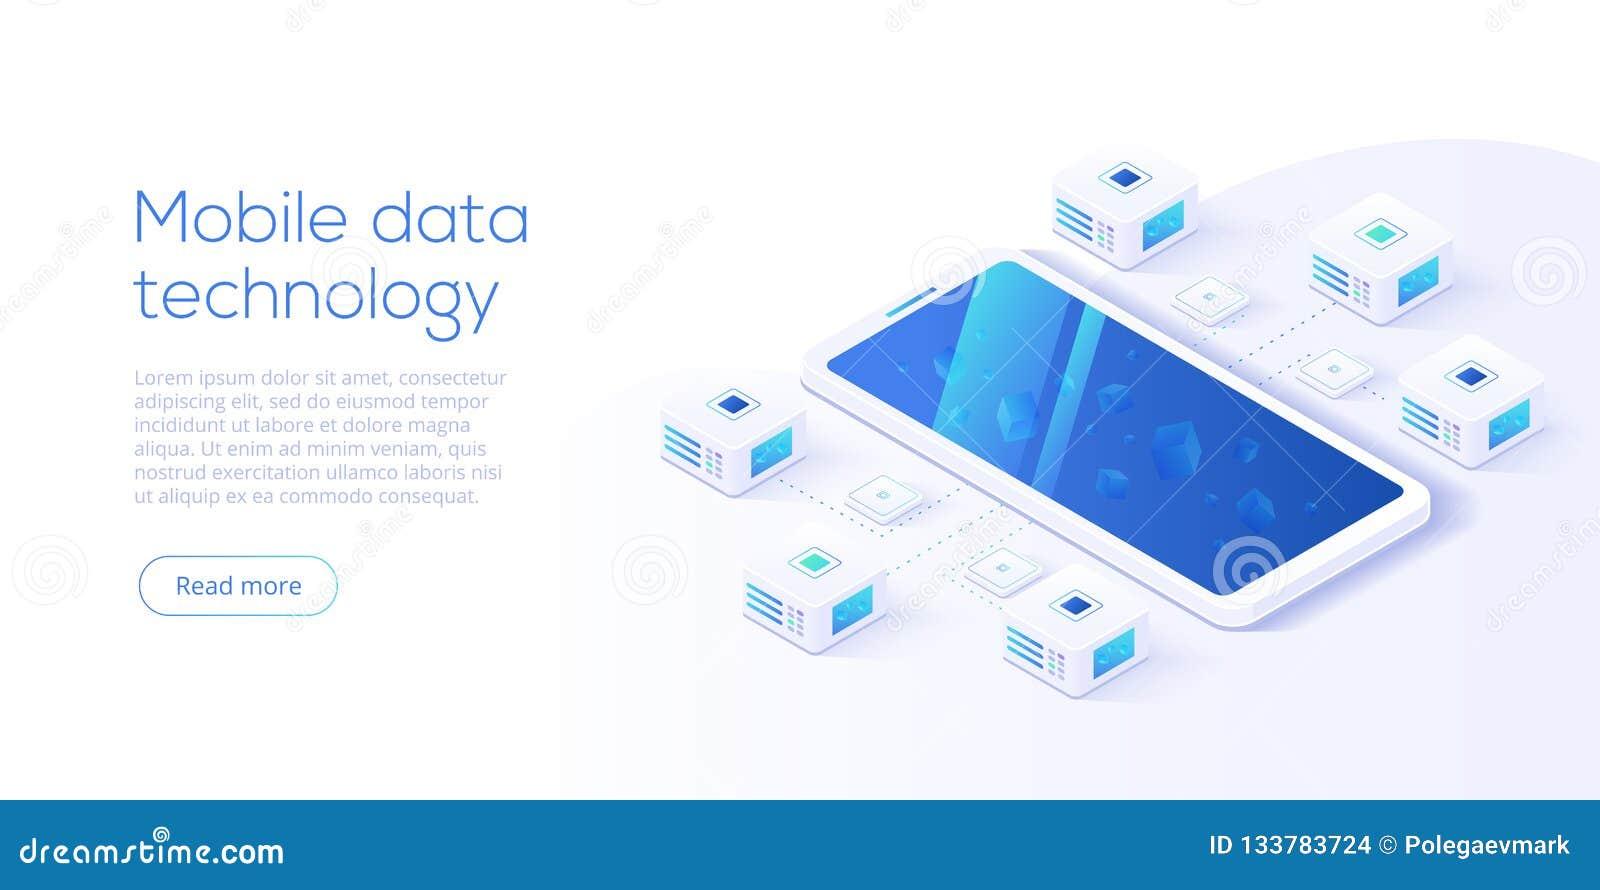 Mobiele gegevens - verwerkingstechnologie in isometrische vectorillustrati